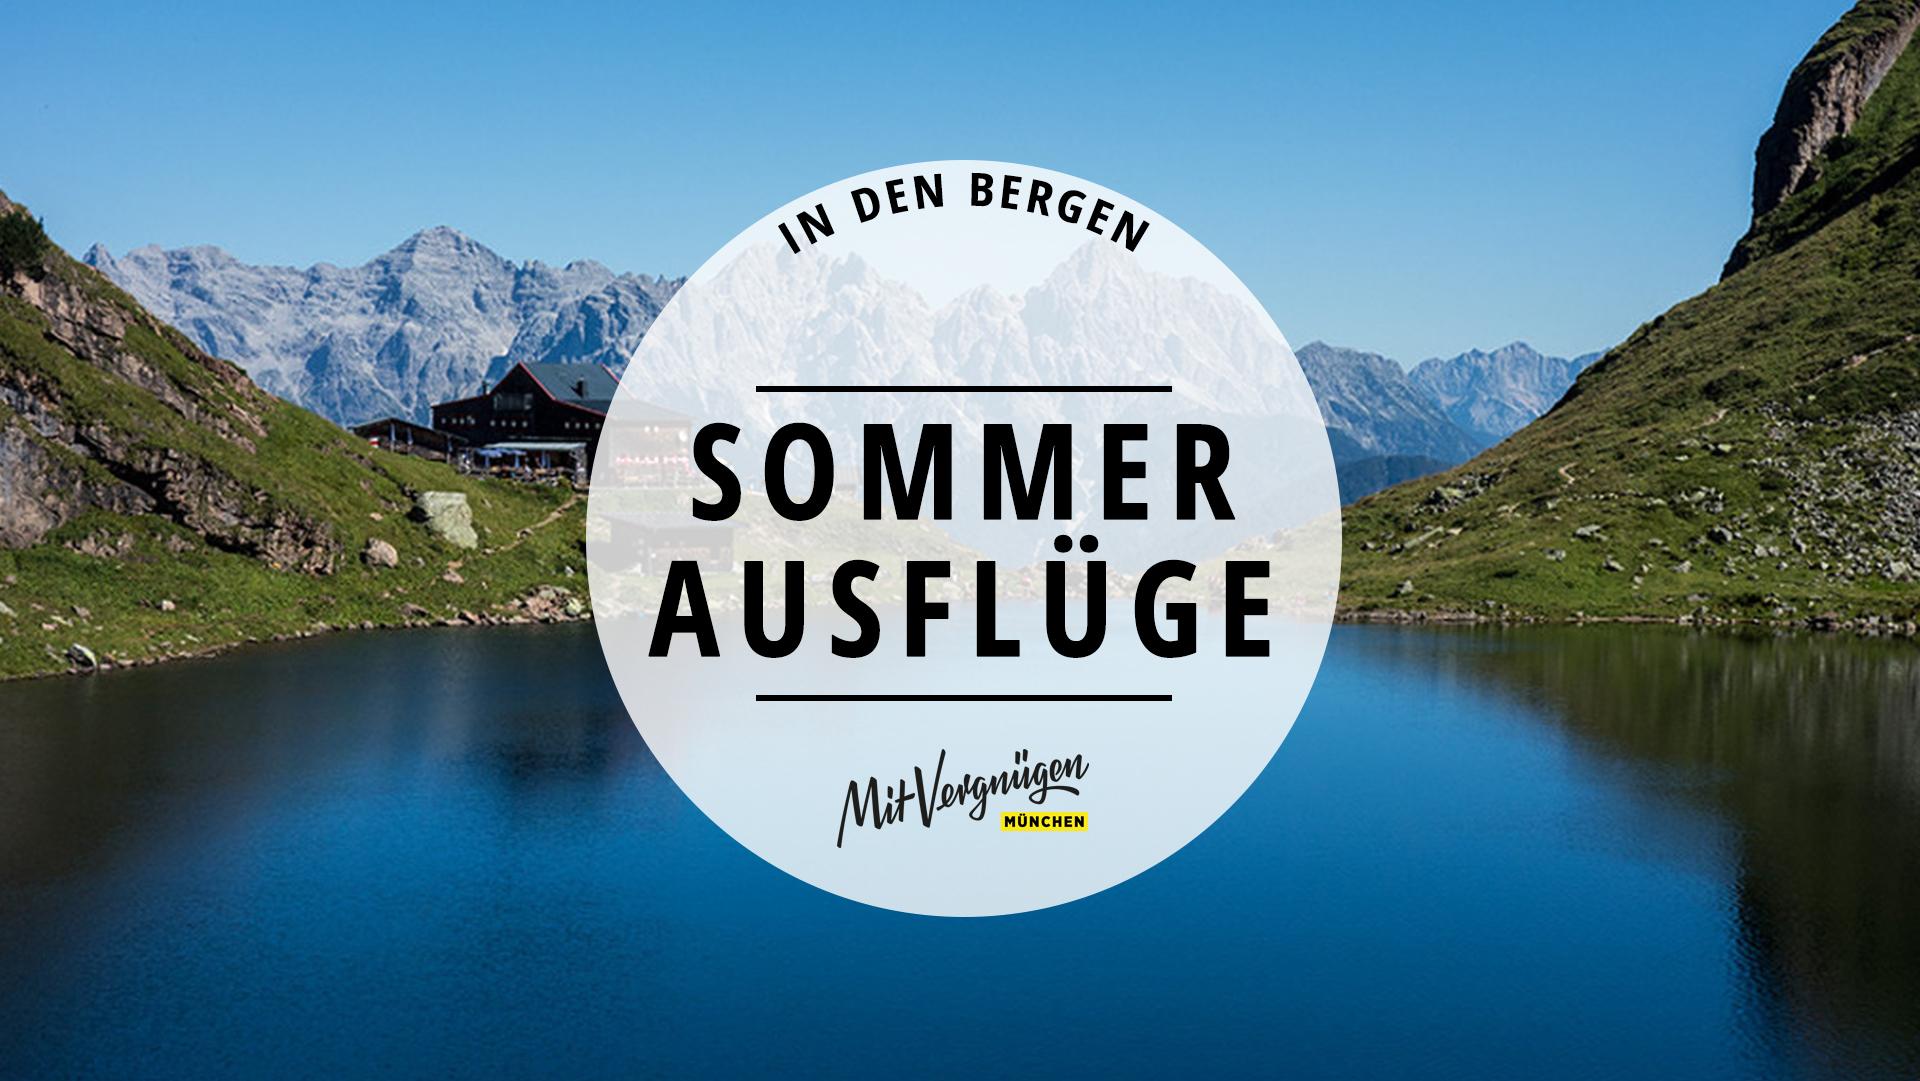 Die In BergeMit Vergnügen 11 Sommerausflüge Wunderschöne München j4RLq3A5